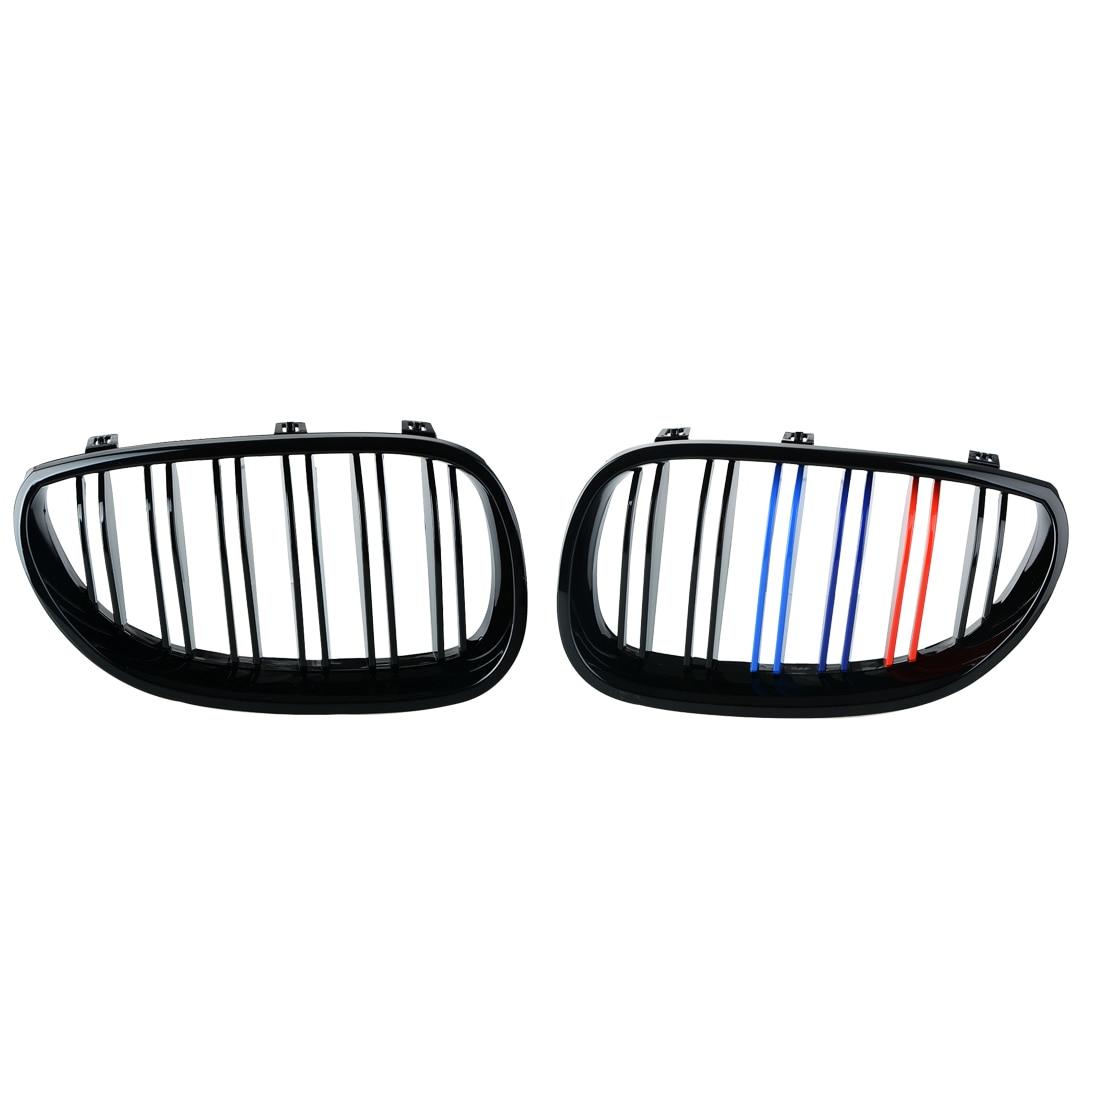 1 Pair Gloss 3 Color Carbon Fiber Black M5 Style Auto Car